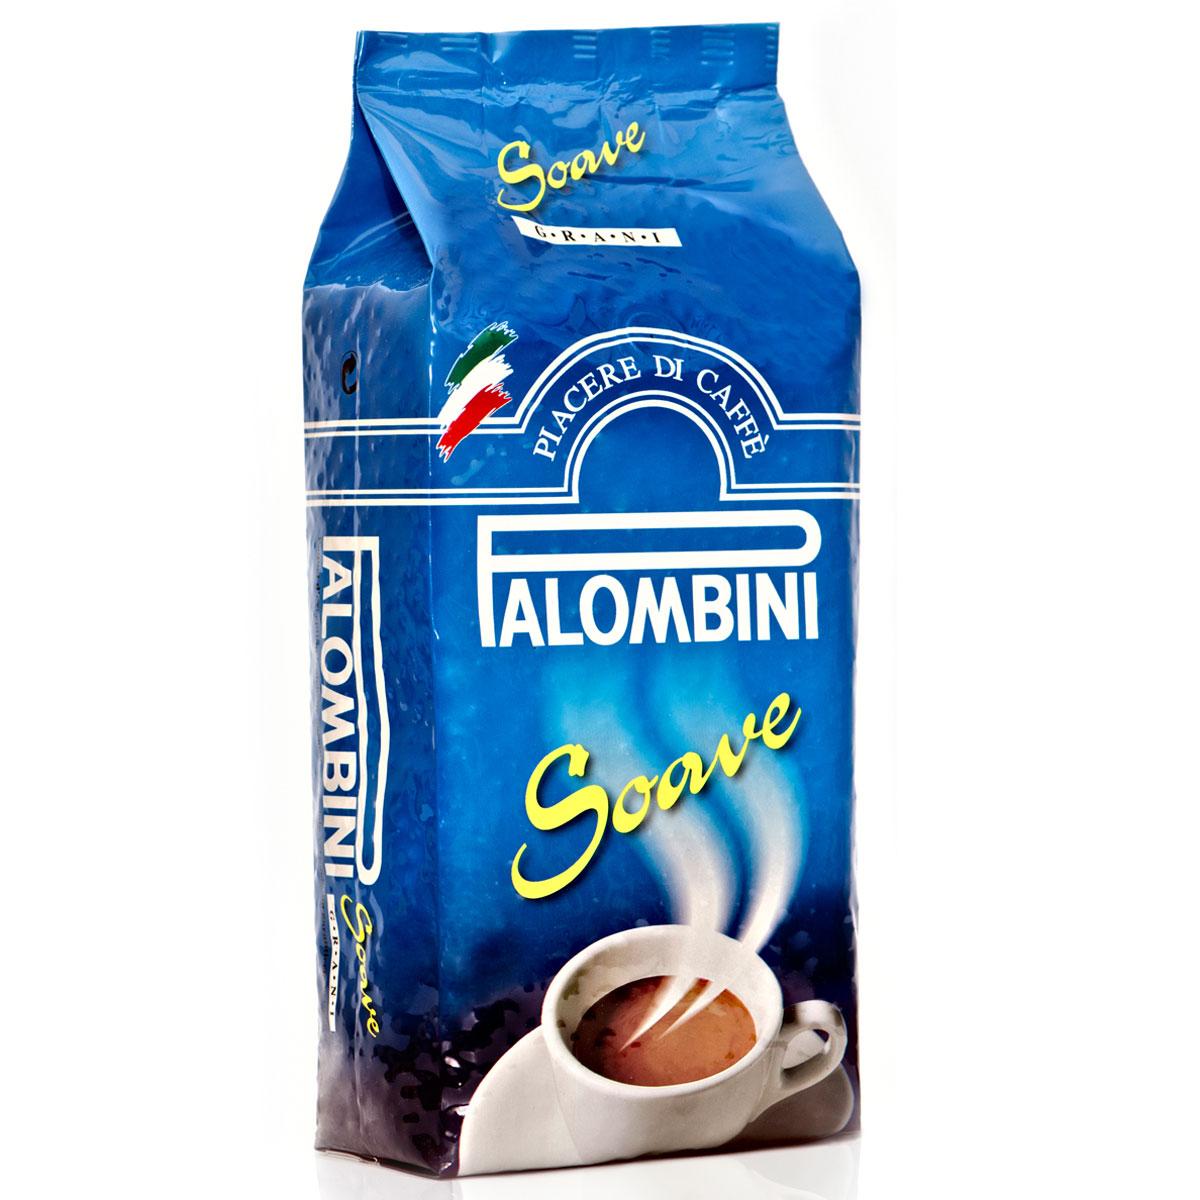 Palombini Soave кофе в зернах, 1 кг8009785305005Натуральный жареный кофе высшего сорта Palombini Soave в зернах. Исключительный аромат и запоминающийся вкус . Рекомендуется для приготовления в домашних условиях. Состав смеси: 75% арабика, 25% робуста.